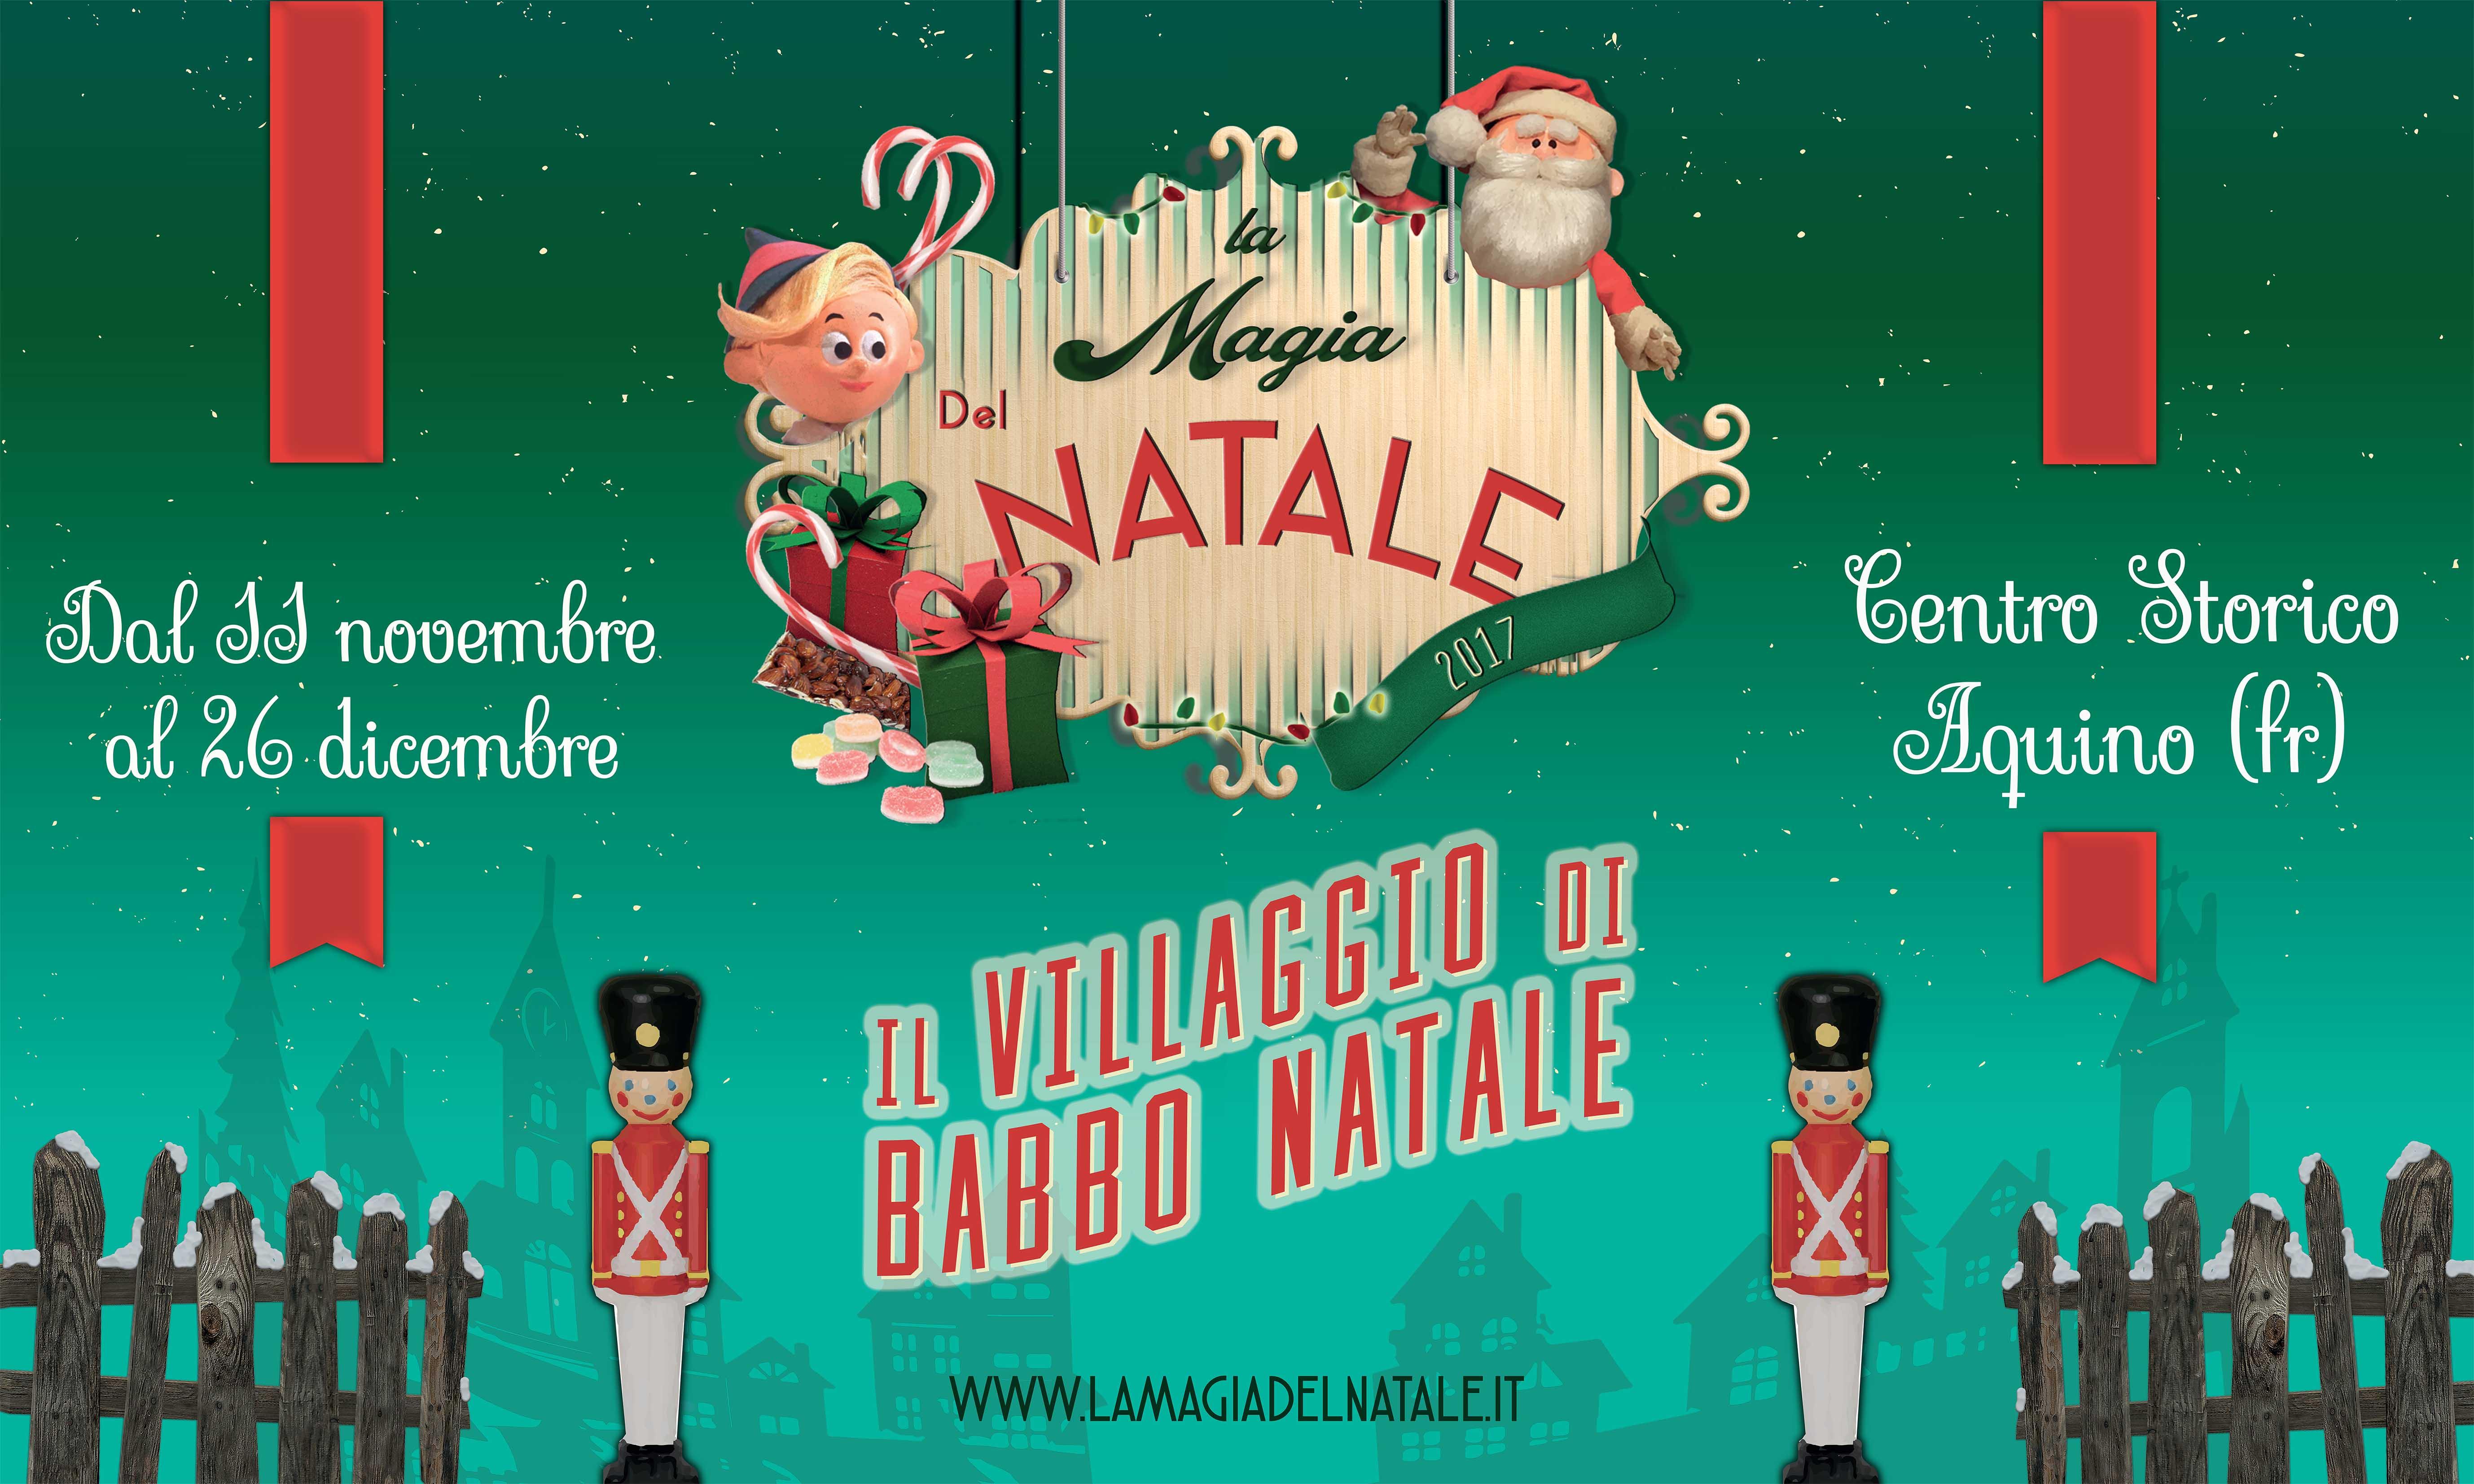 Immagini Del Villaggio Di Babbo Natale.Villaggio Di Babbo Natale Aquino Fr Ciociaria In Tour